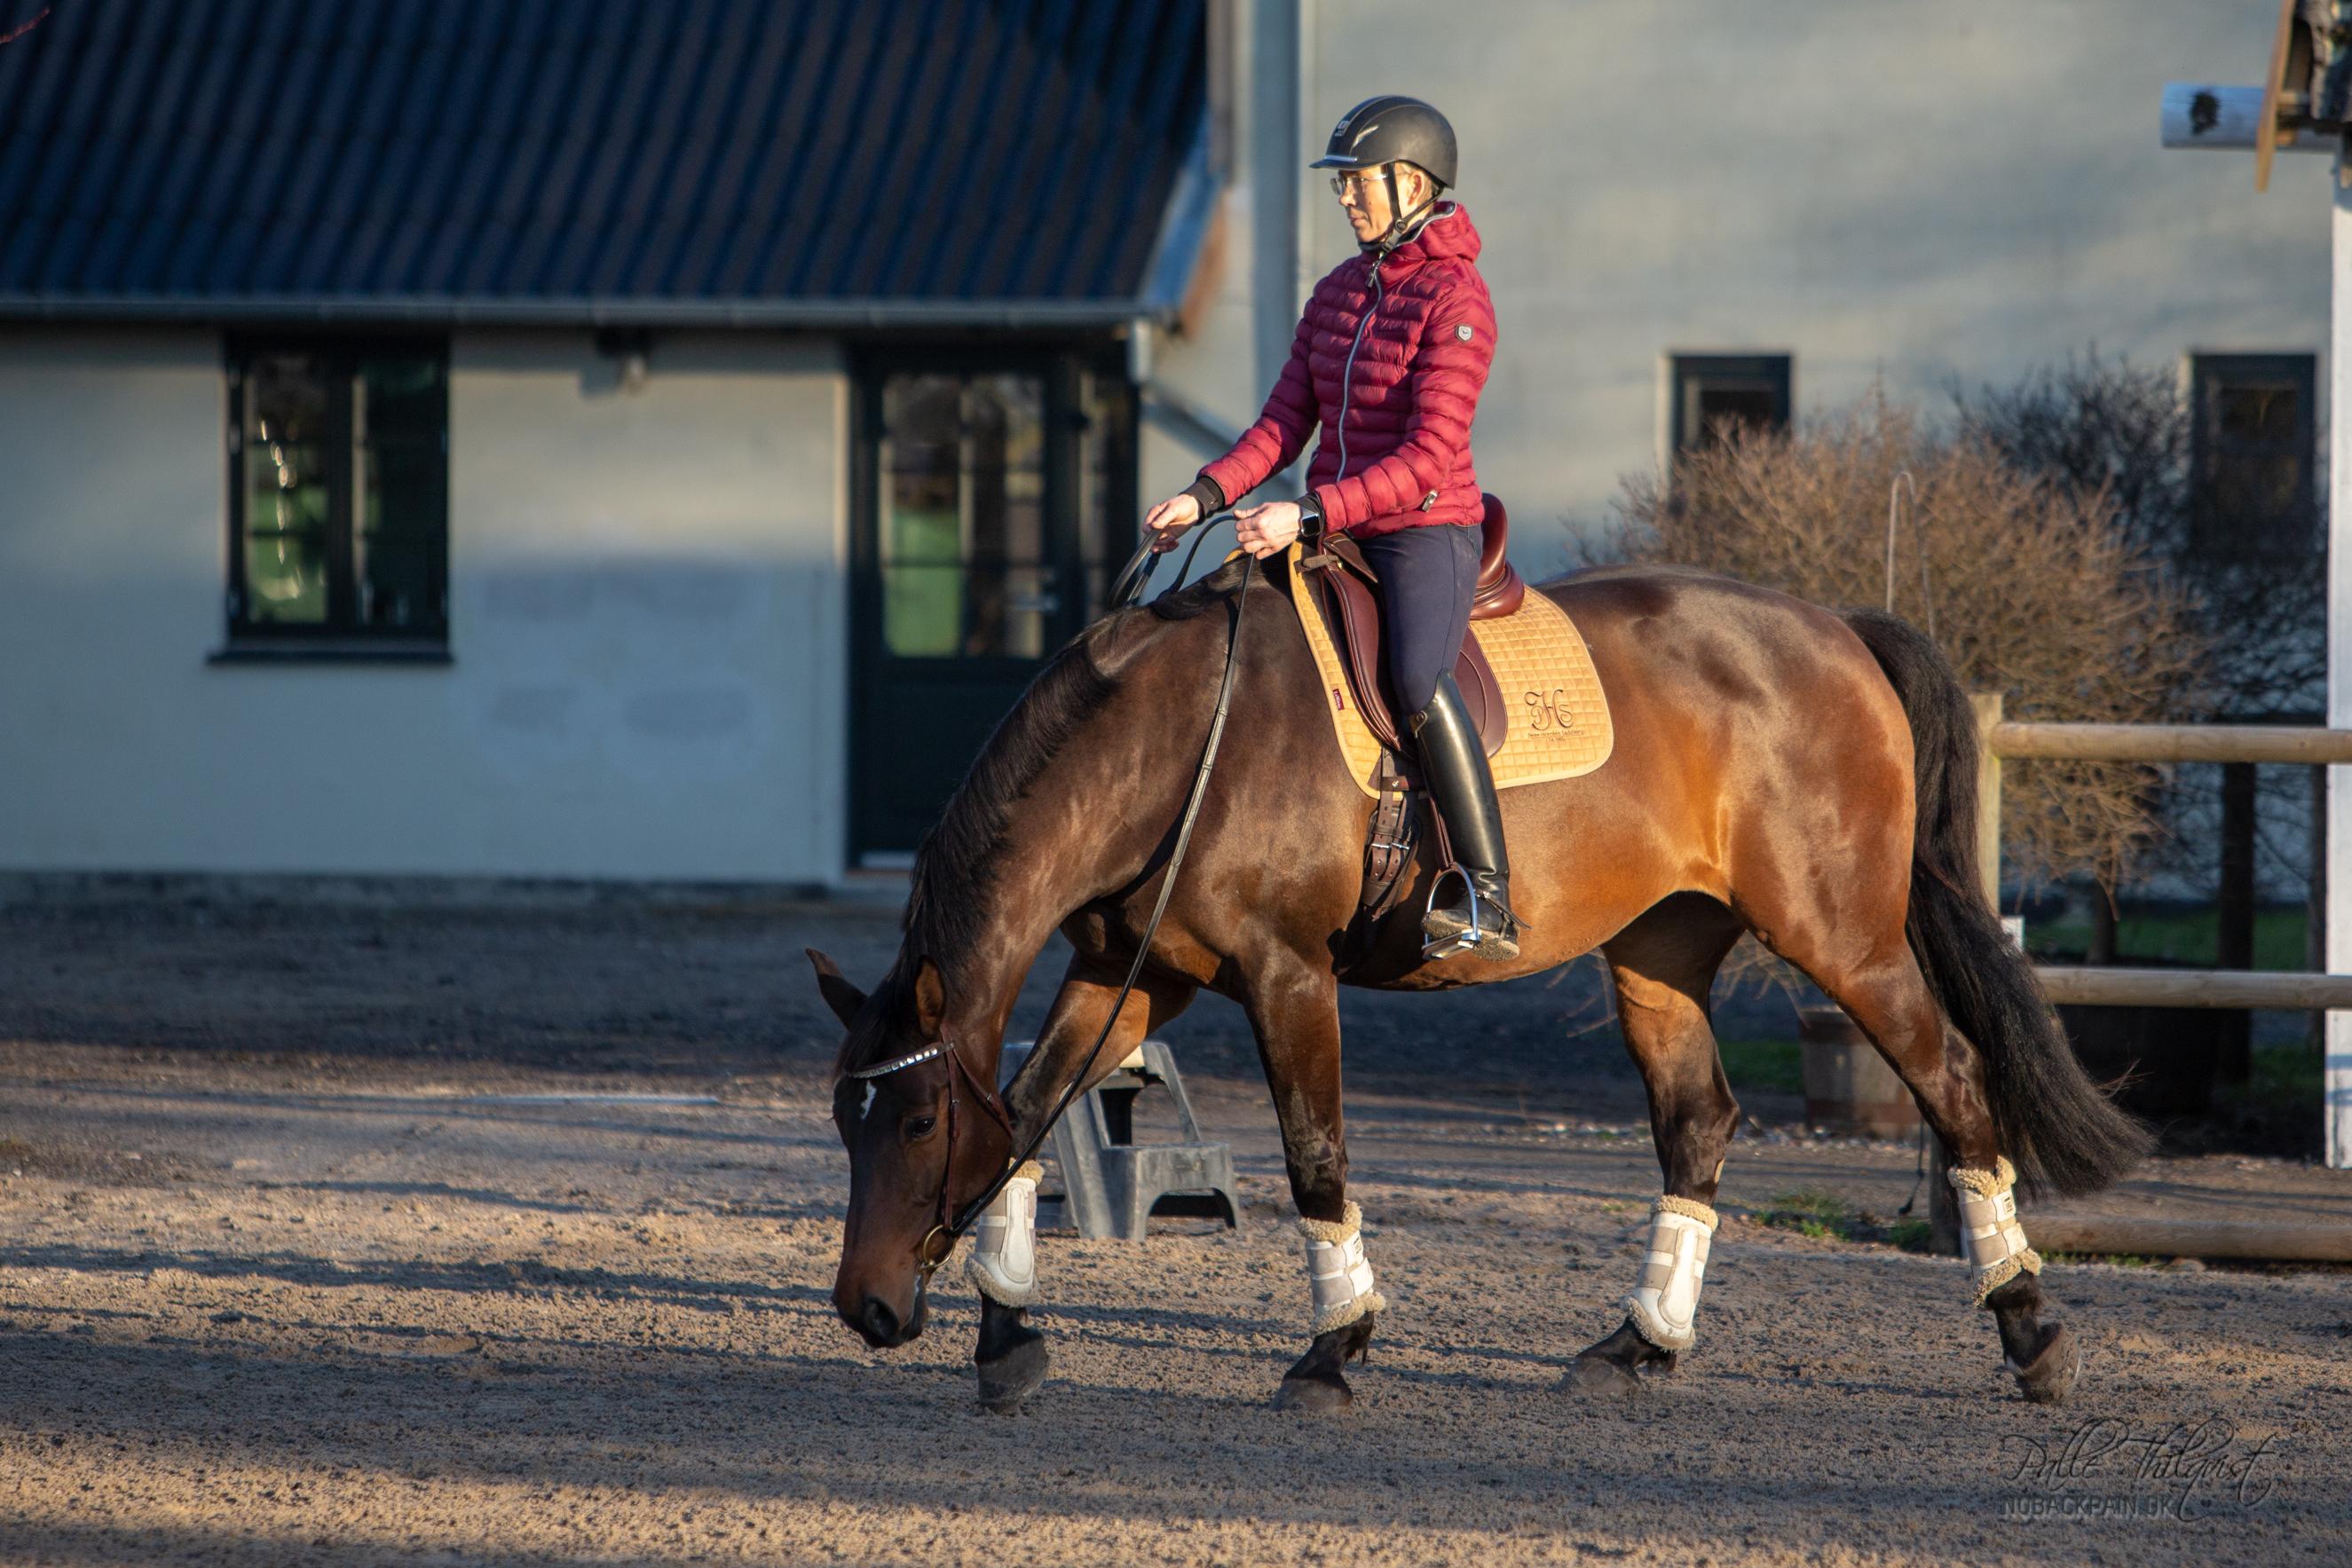 Hesten skal altid, uanset niveau, kunne strækkes næsten til jorden.